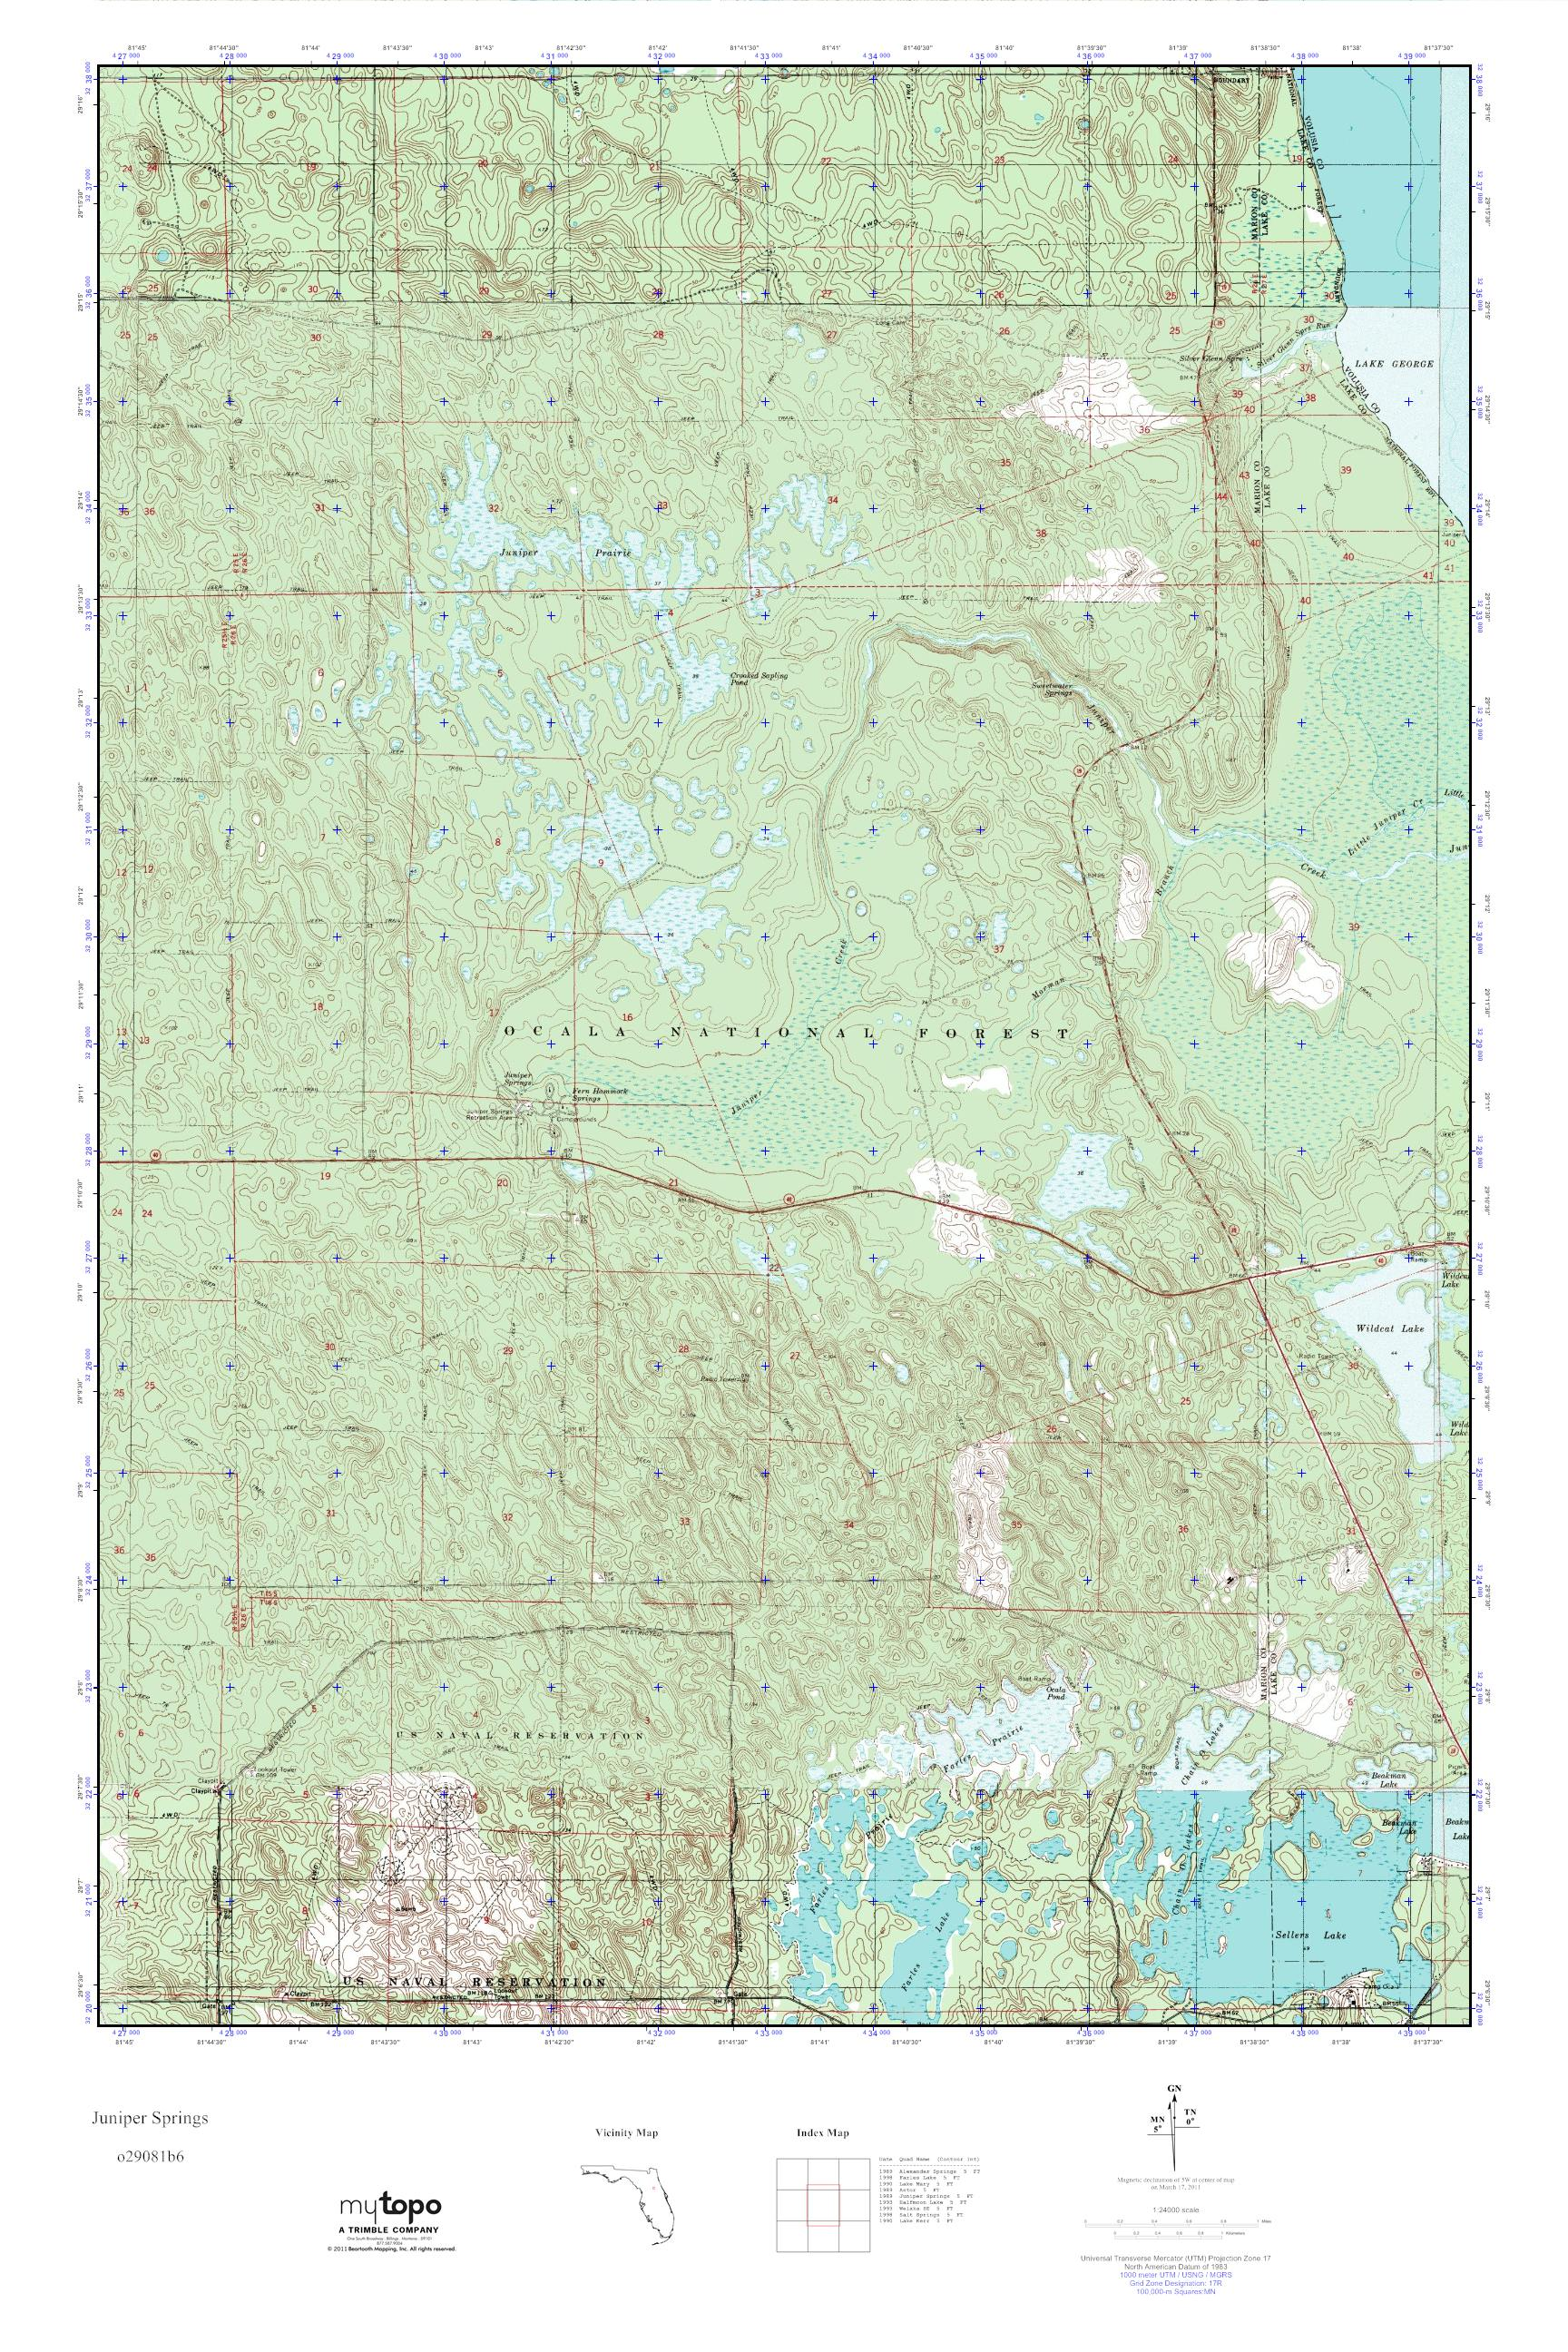 Florida Topographic Map.Mytopo Juniper Springs Florida Usgs Quad Topo Map